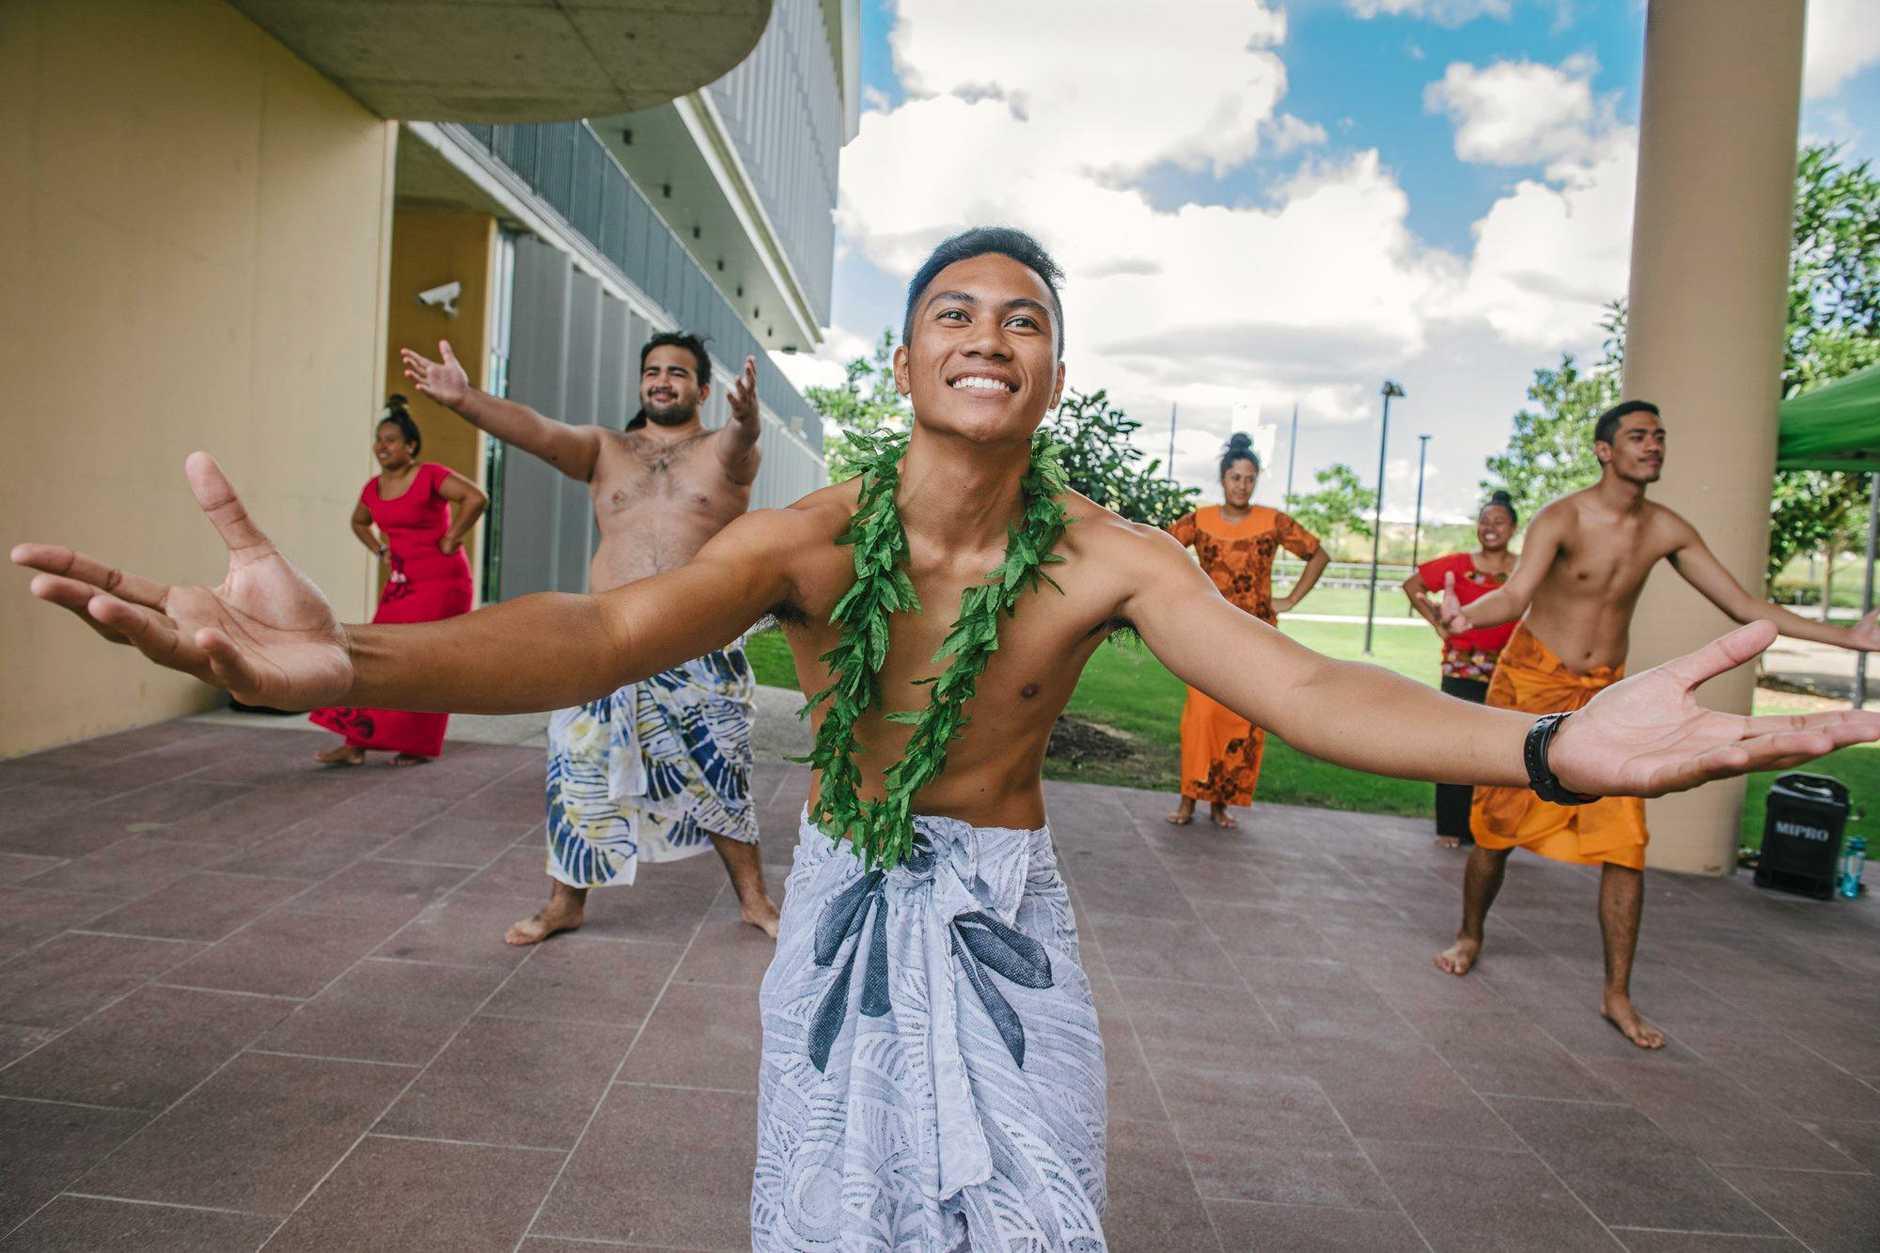 Dartagnyn Brown takes part in a Samoan dance.